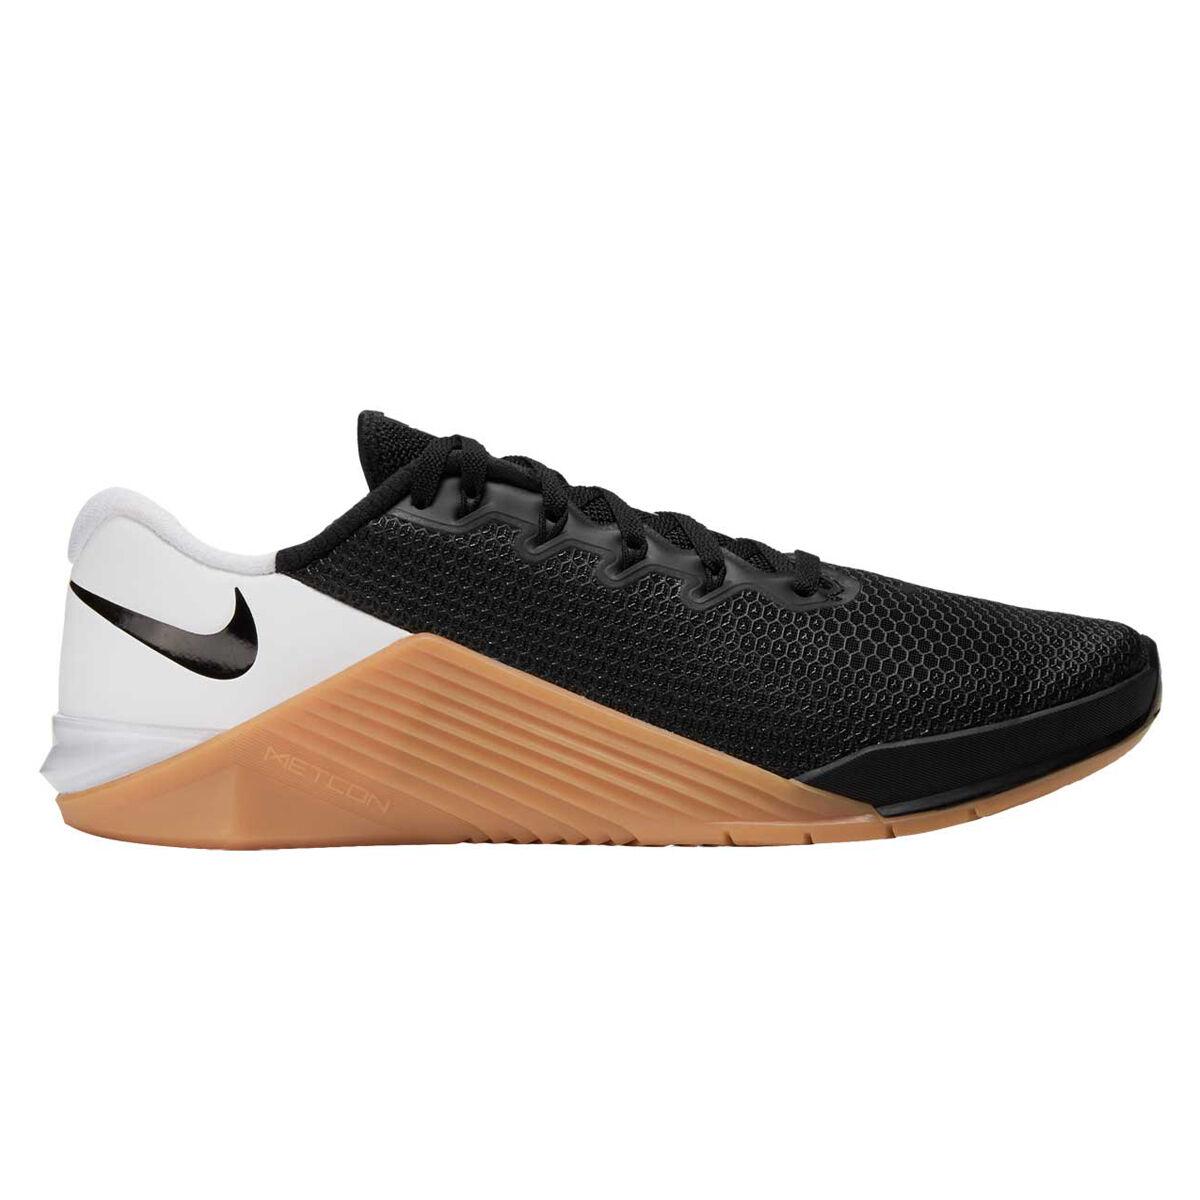 Nike Metcon 5 Mens Training Shoes Black